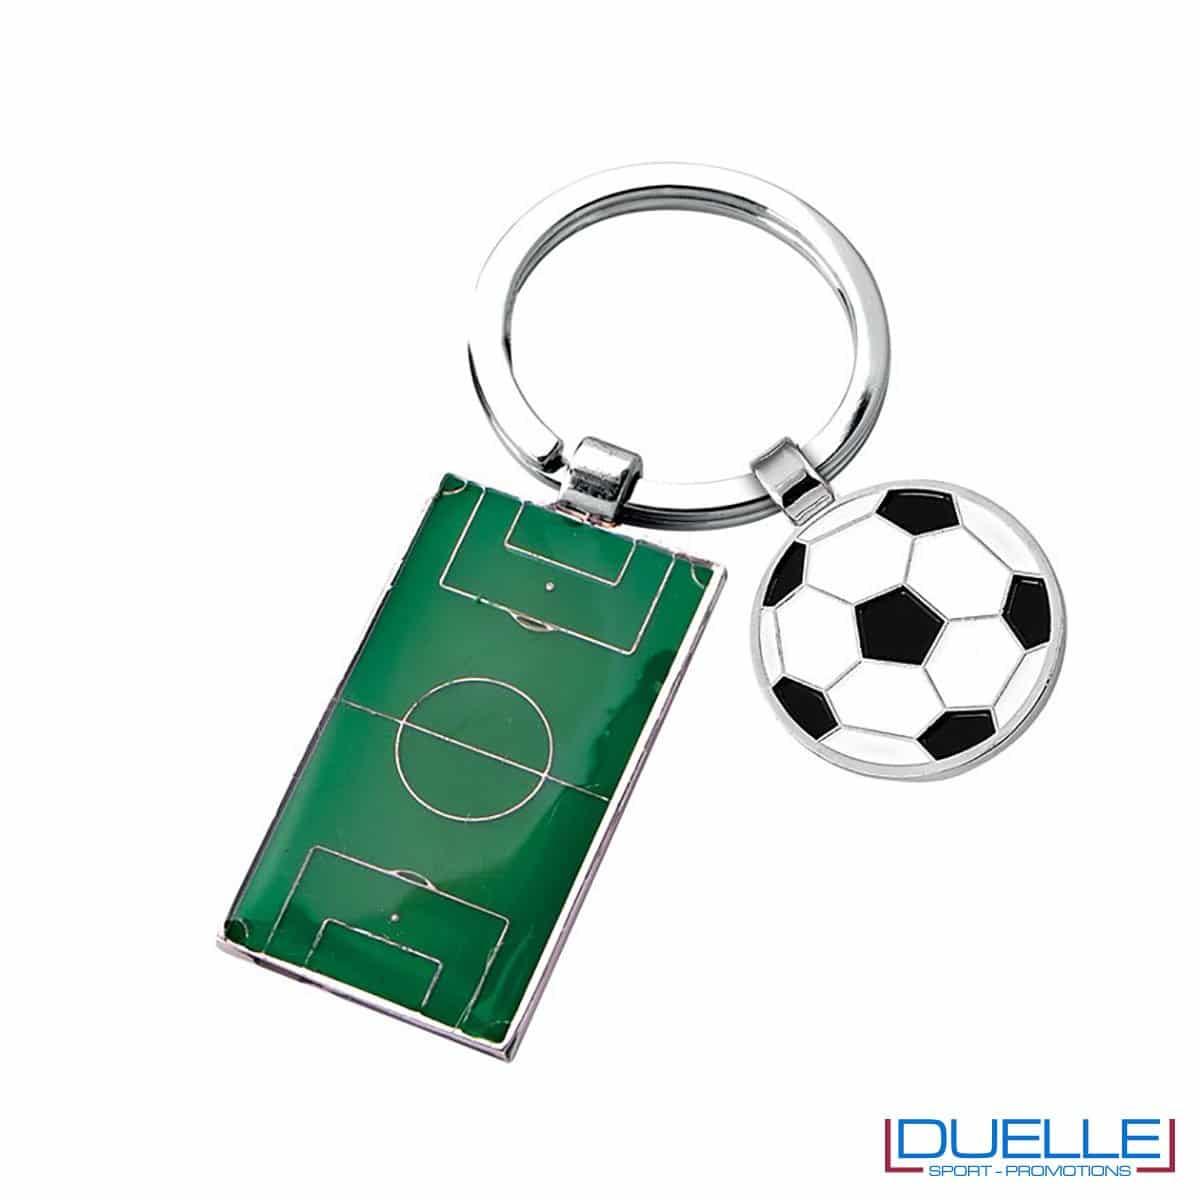 portachiavi personalizzato con campo da calcio, gadget sportivi personalizzati